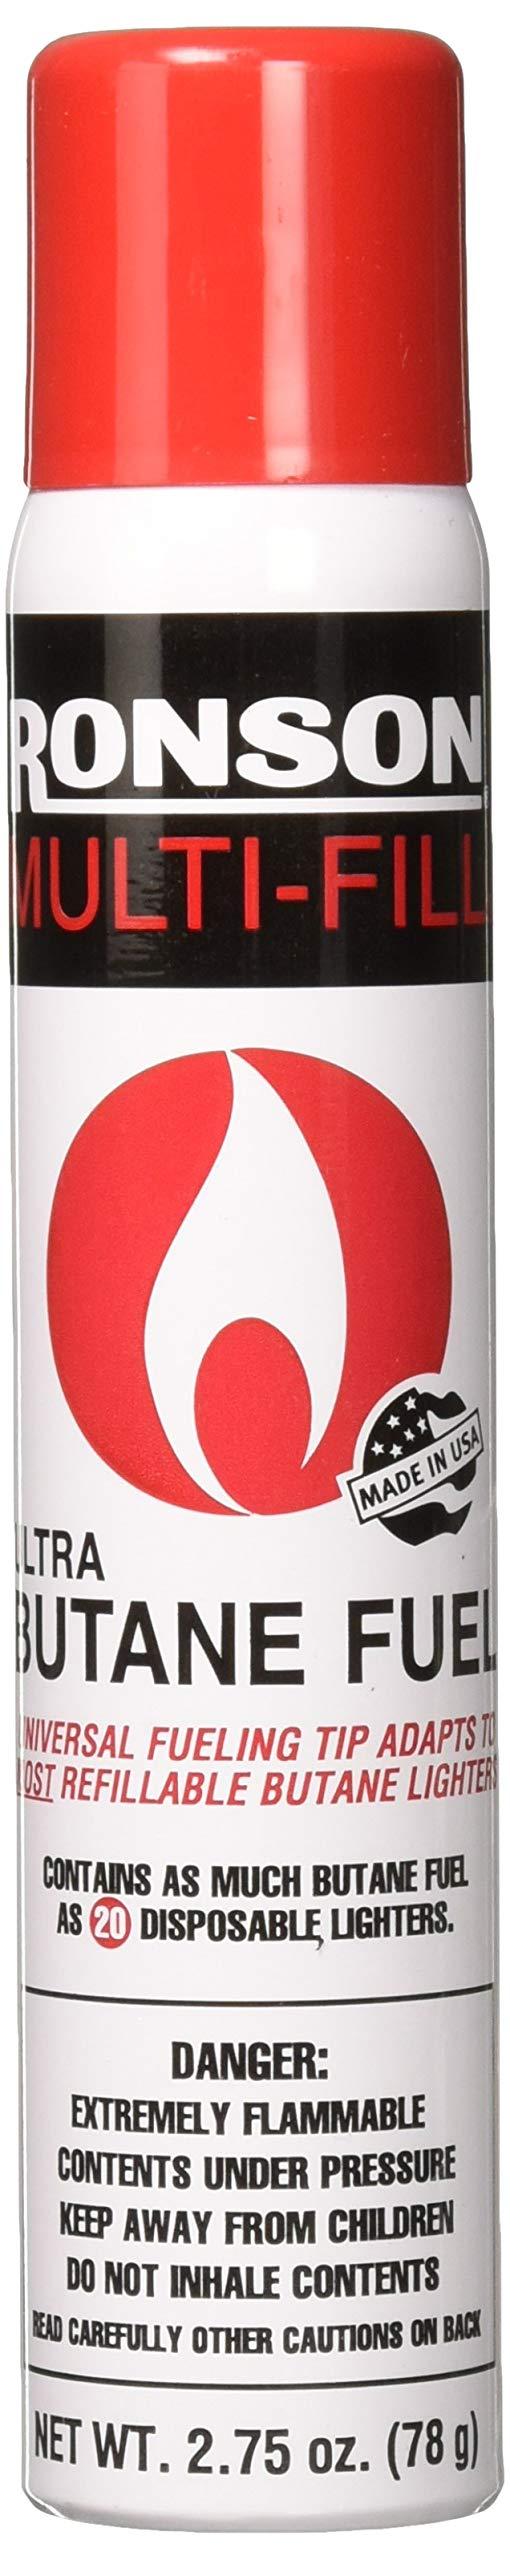 Ronson 99146 2 Large Lighter Butane Refill 78 Grams 2.75 oz(Pack of 2)